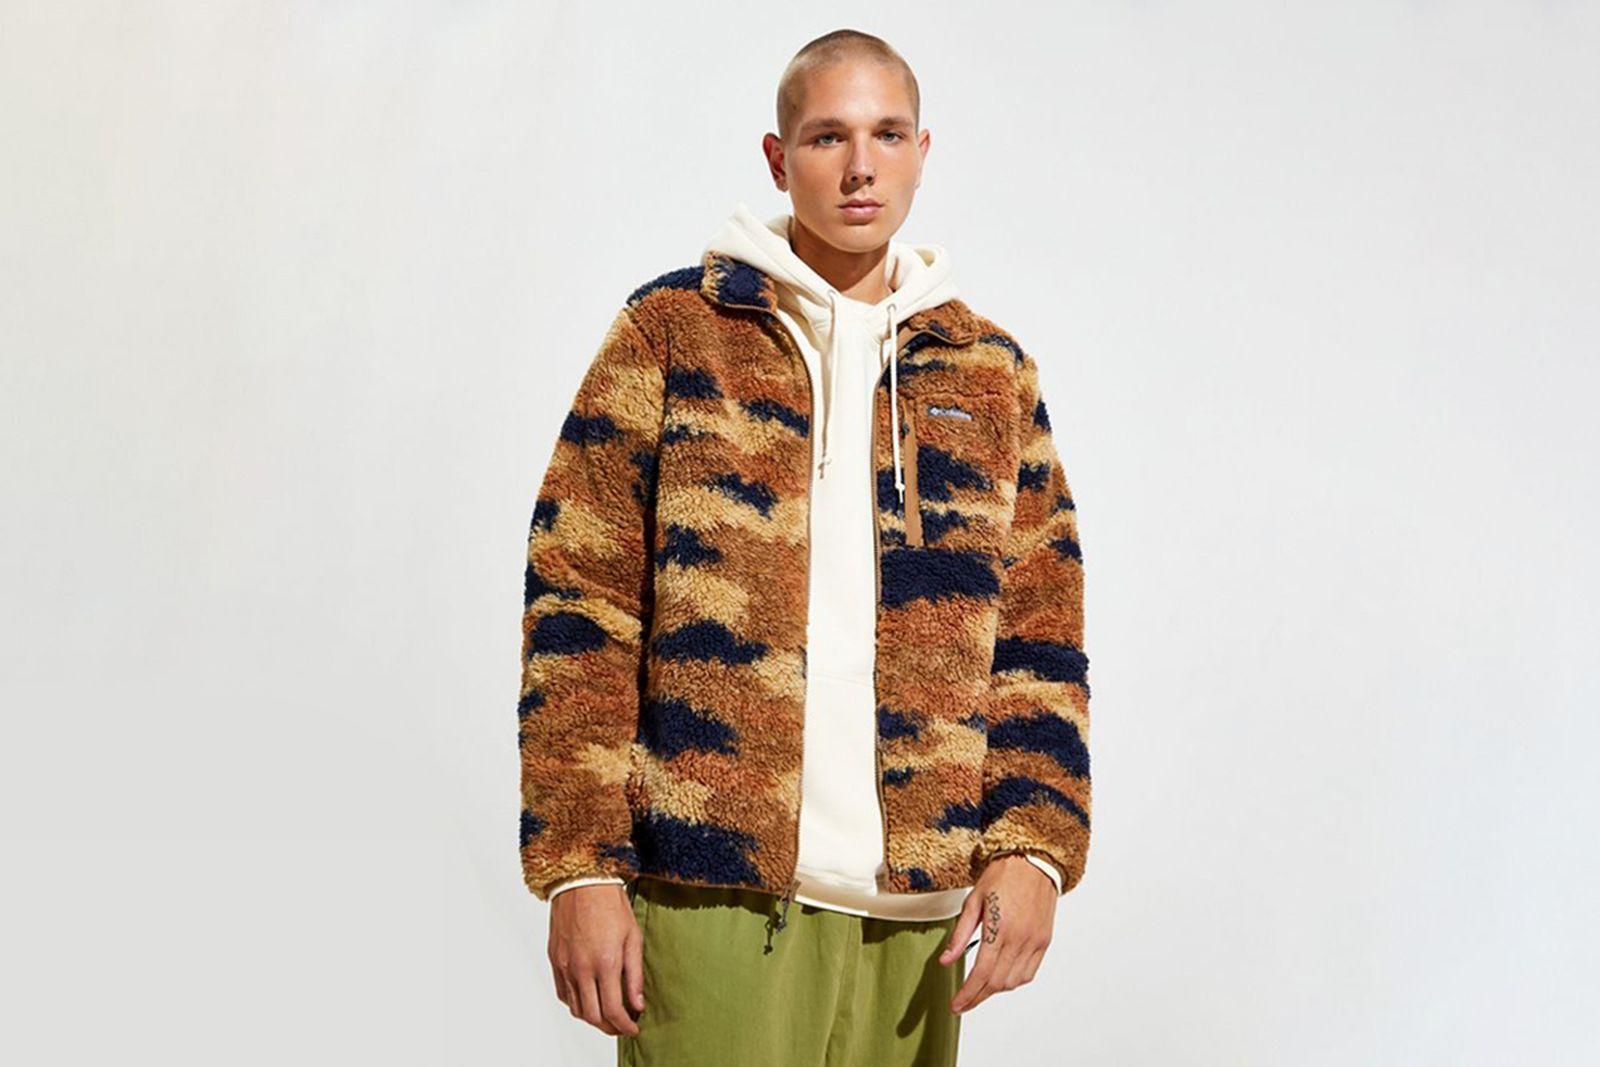 winter-wardrobe-essentials-main